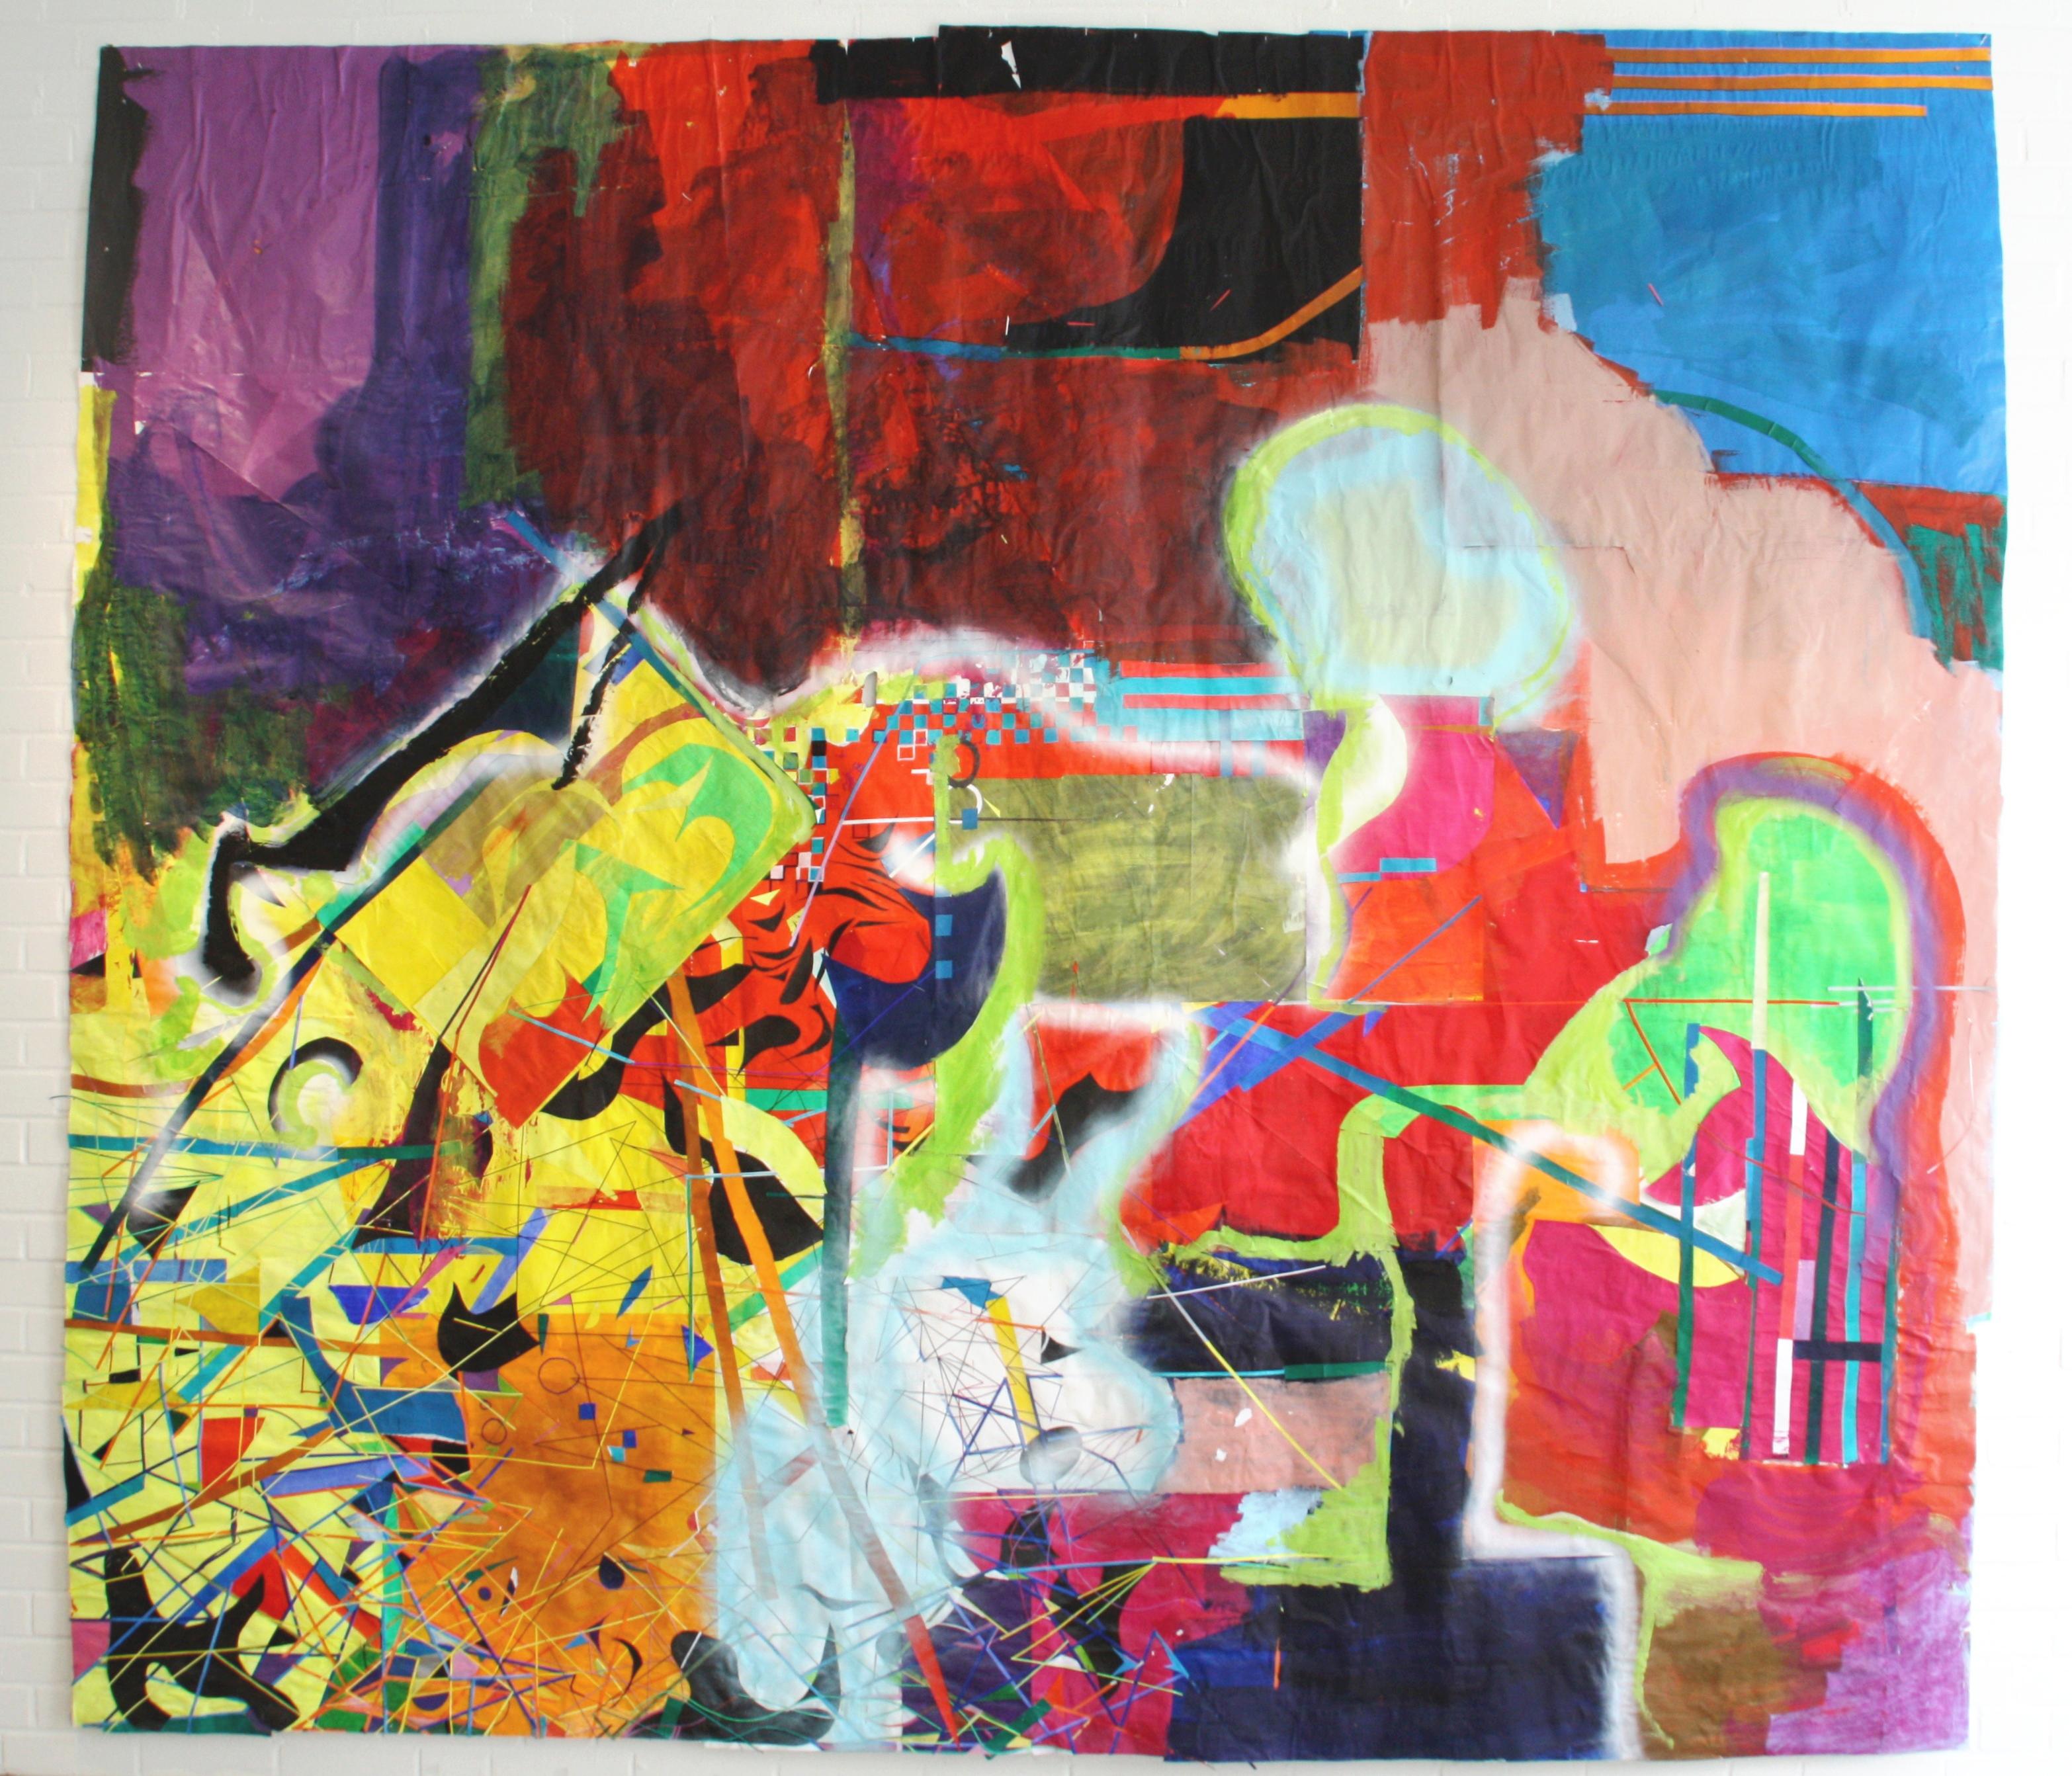 Die Ausstellung zeigt unter anderem Werke des Finnischen Künstlers Kirsi Mikkola (Copyright: Kirsi Mikkola)